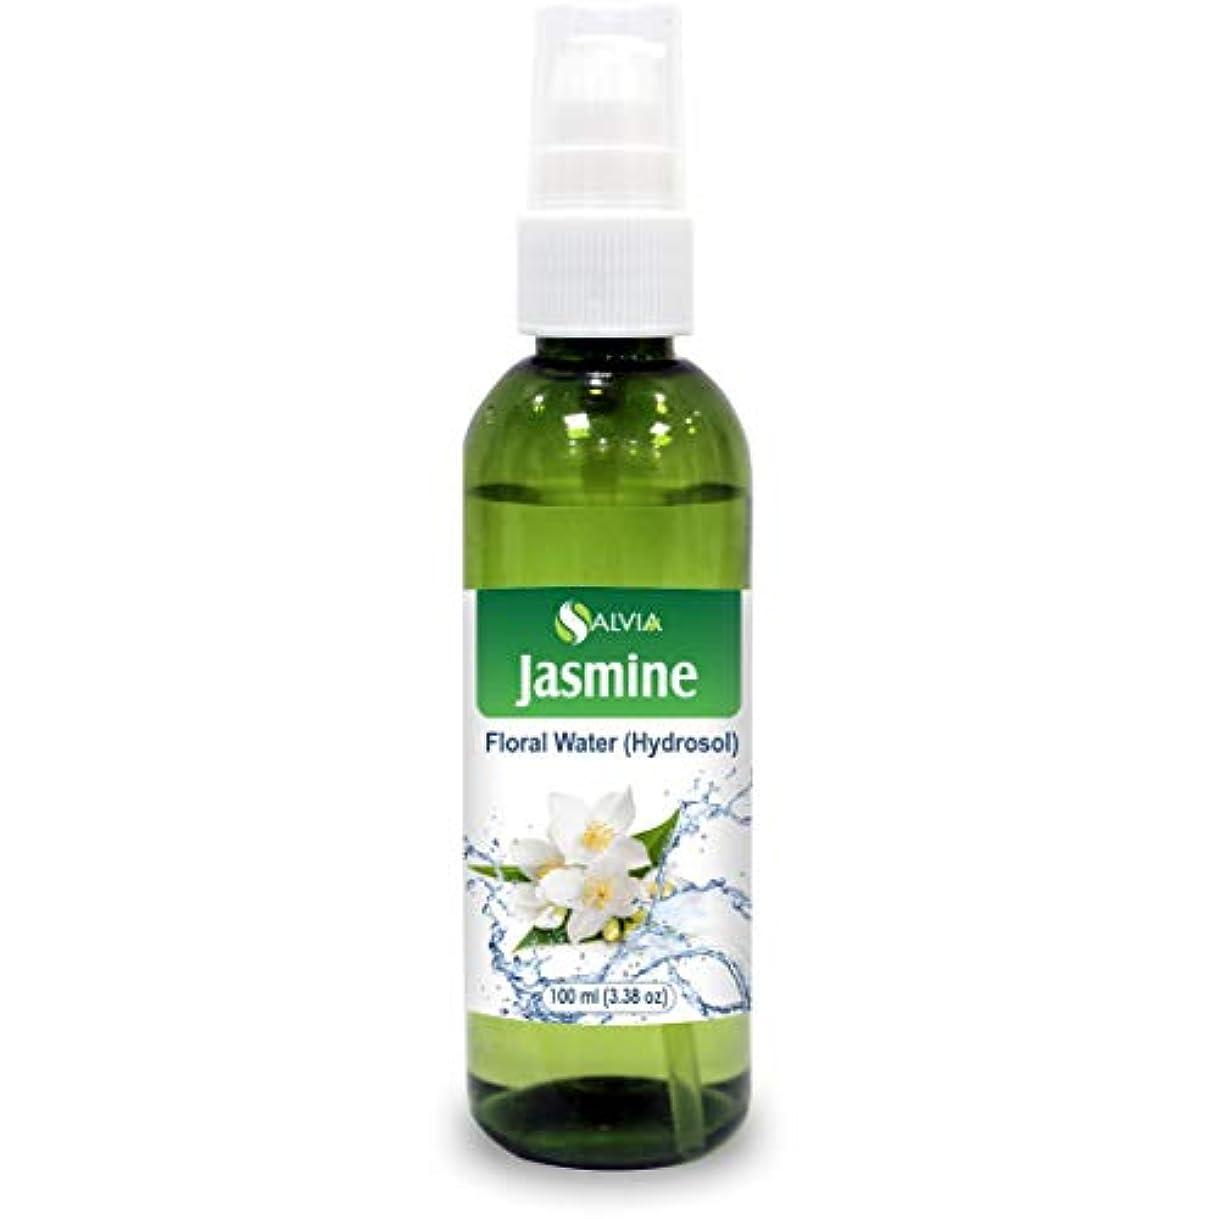 推測する進化ブランチJasmine Floral Water 100ml (Hydrosol) 100% Pure And Natural